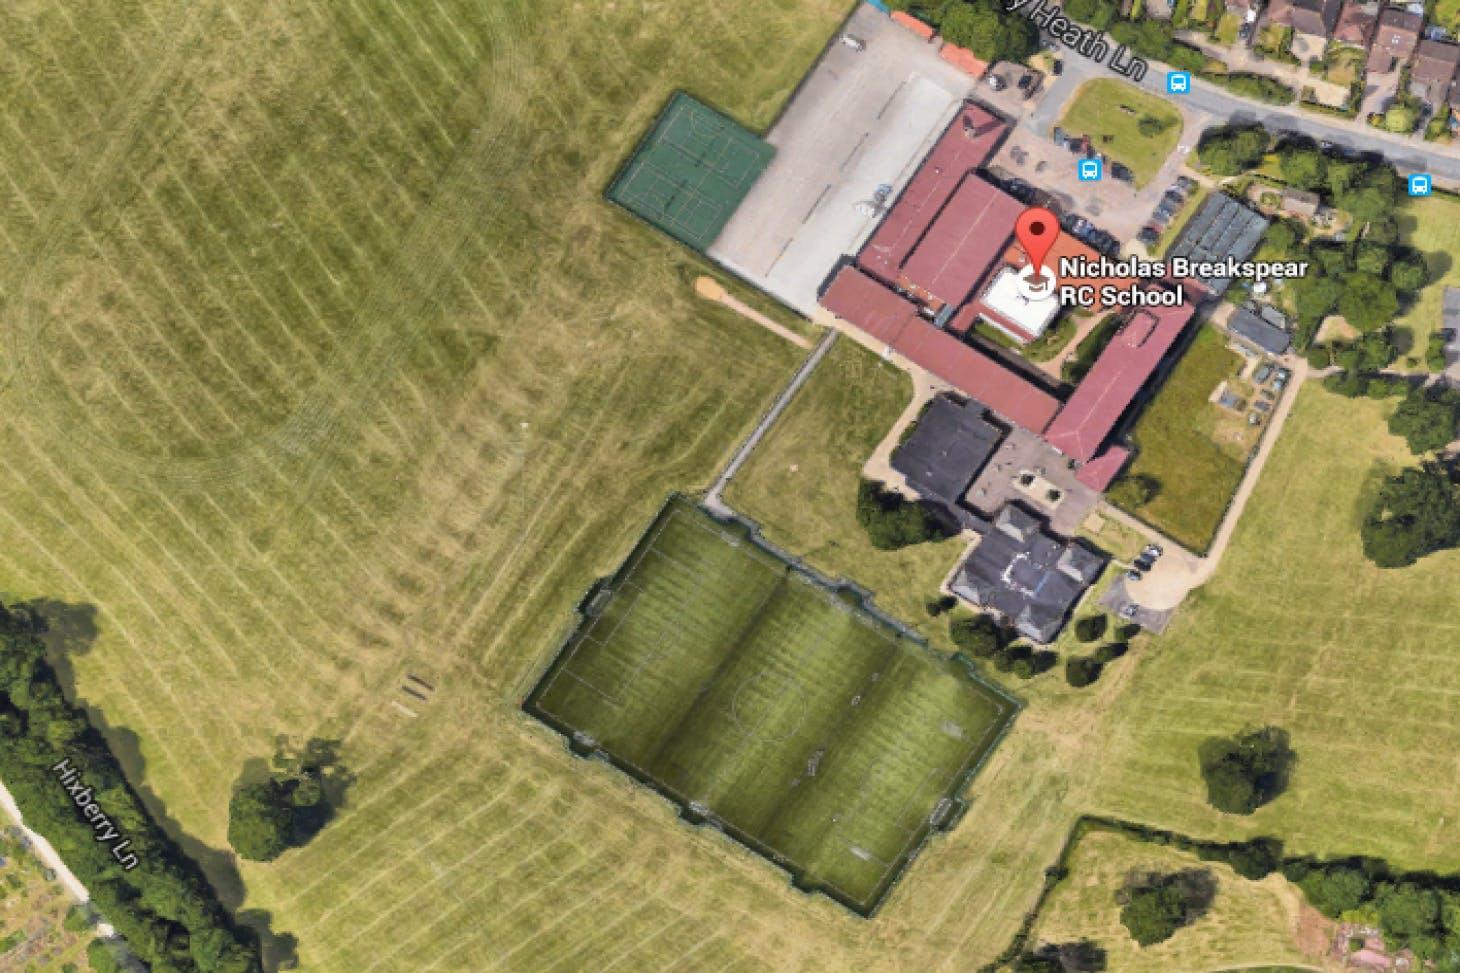 Nicholas Breakspear RC School 5 a side | 3G Astroturf football pitch